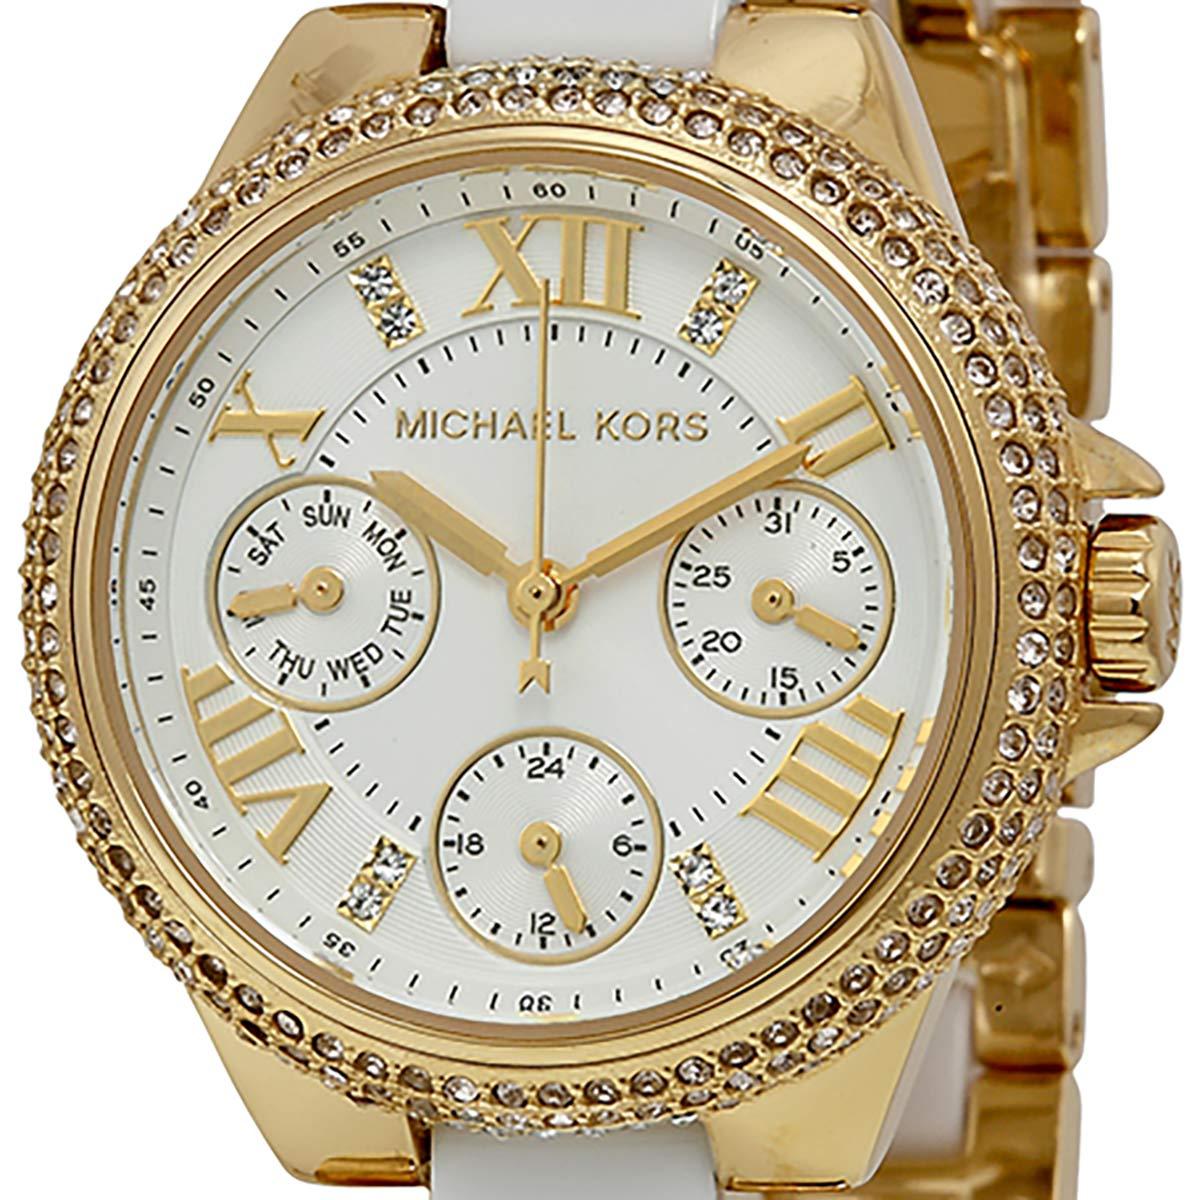 【残り1点】Michael Kors マイケルコース クォーツ 腕時計 米国 ファッションデザイナーズ [MK5945] 並行輸入品 純正ケース メーカー保証